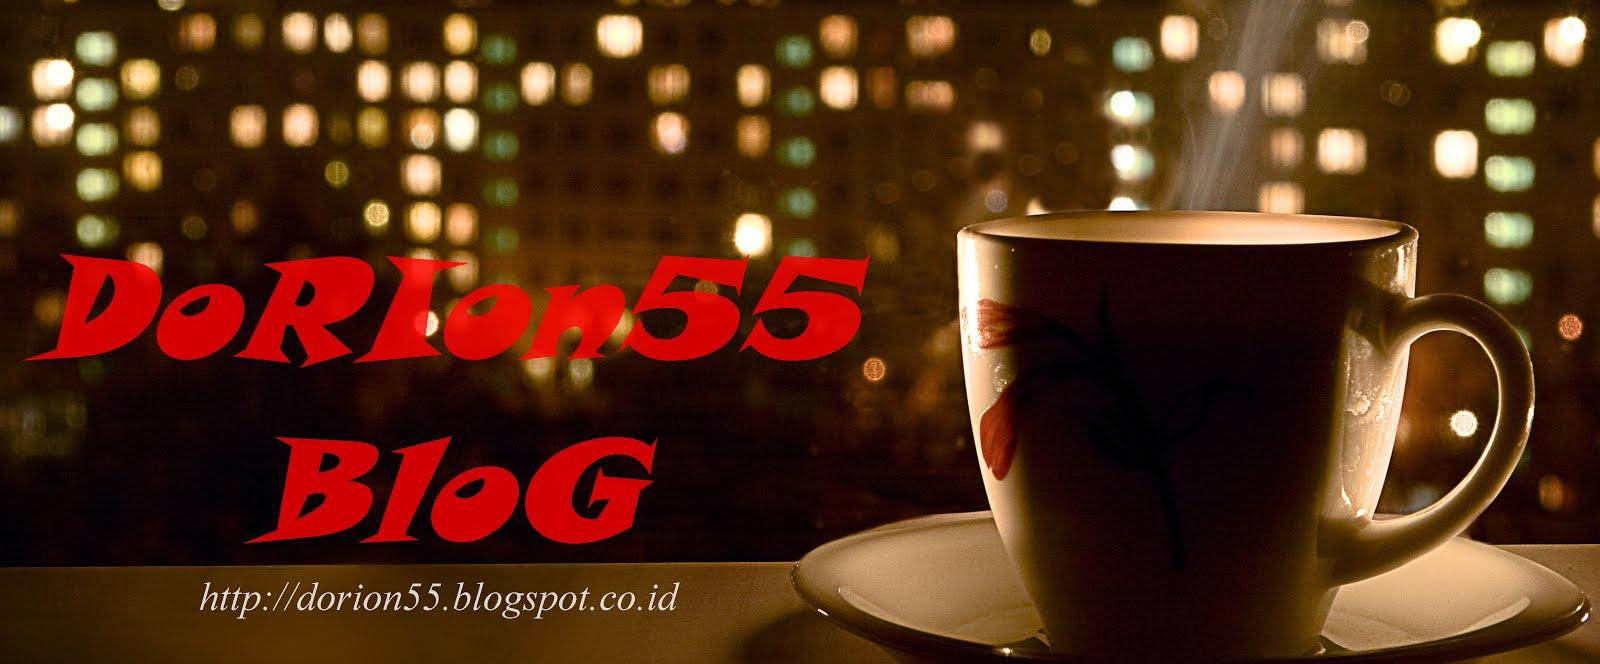 DoRIon55 BloG